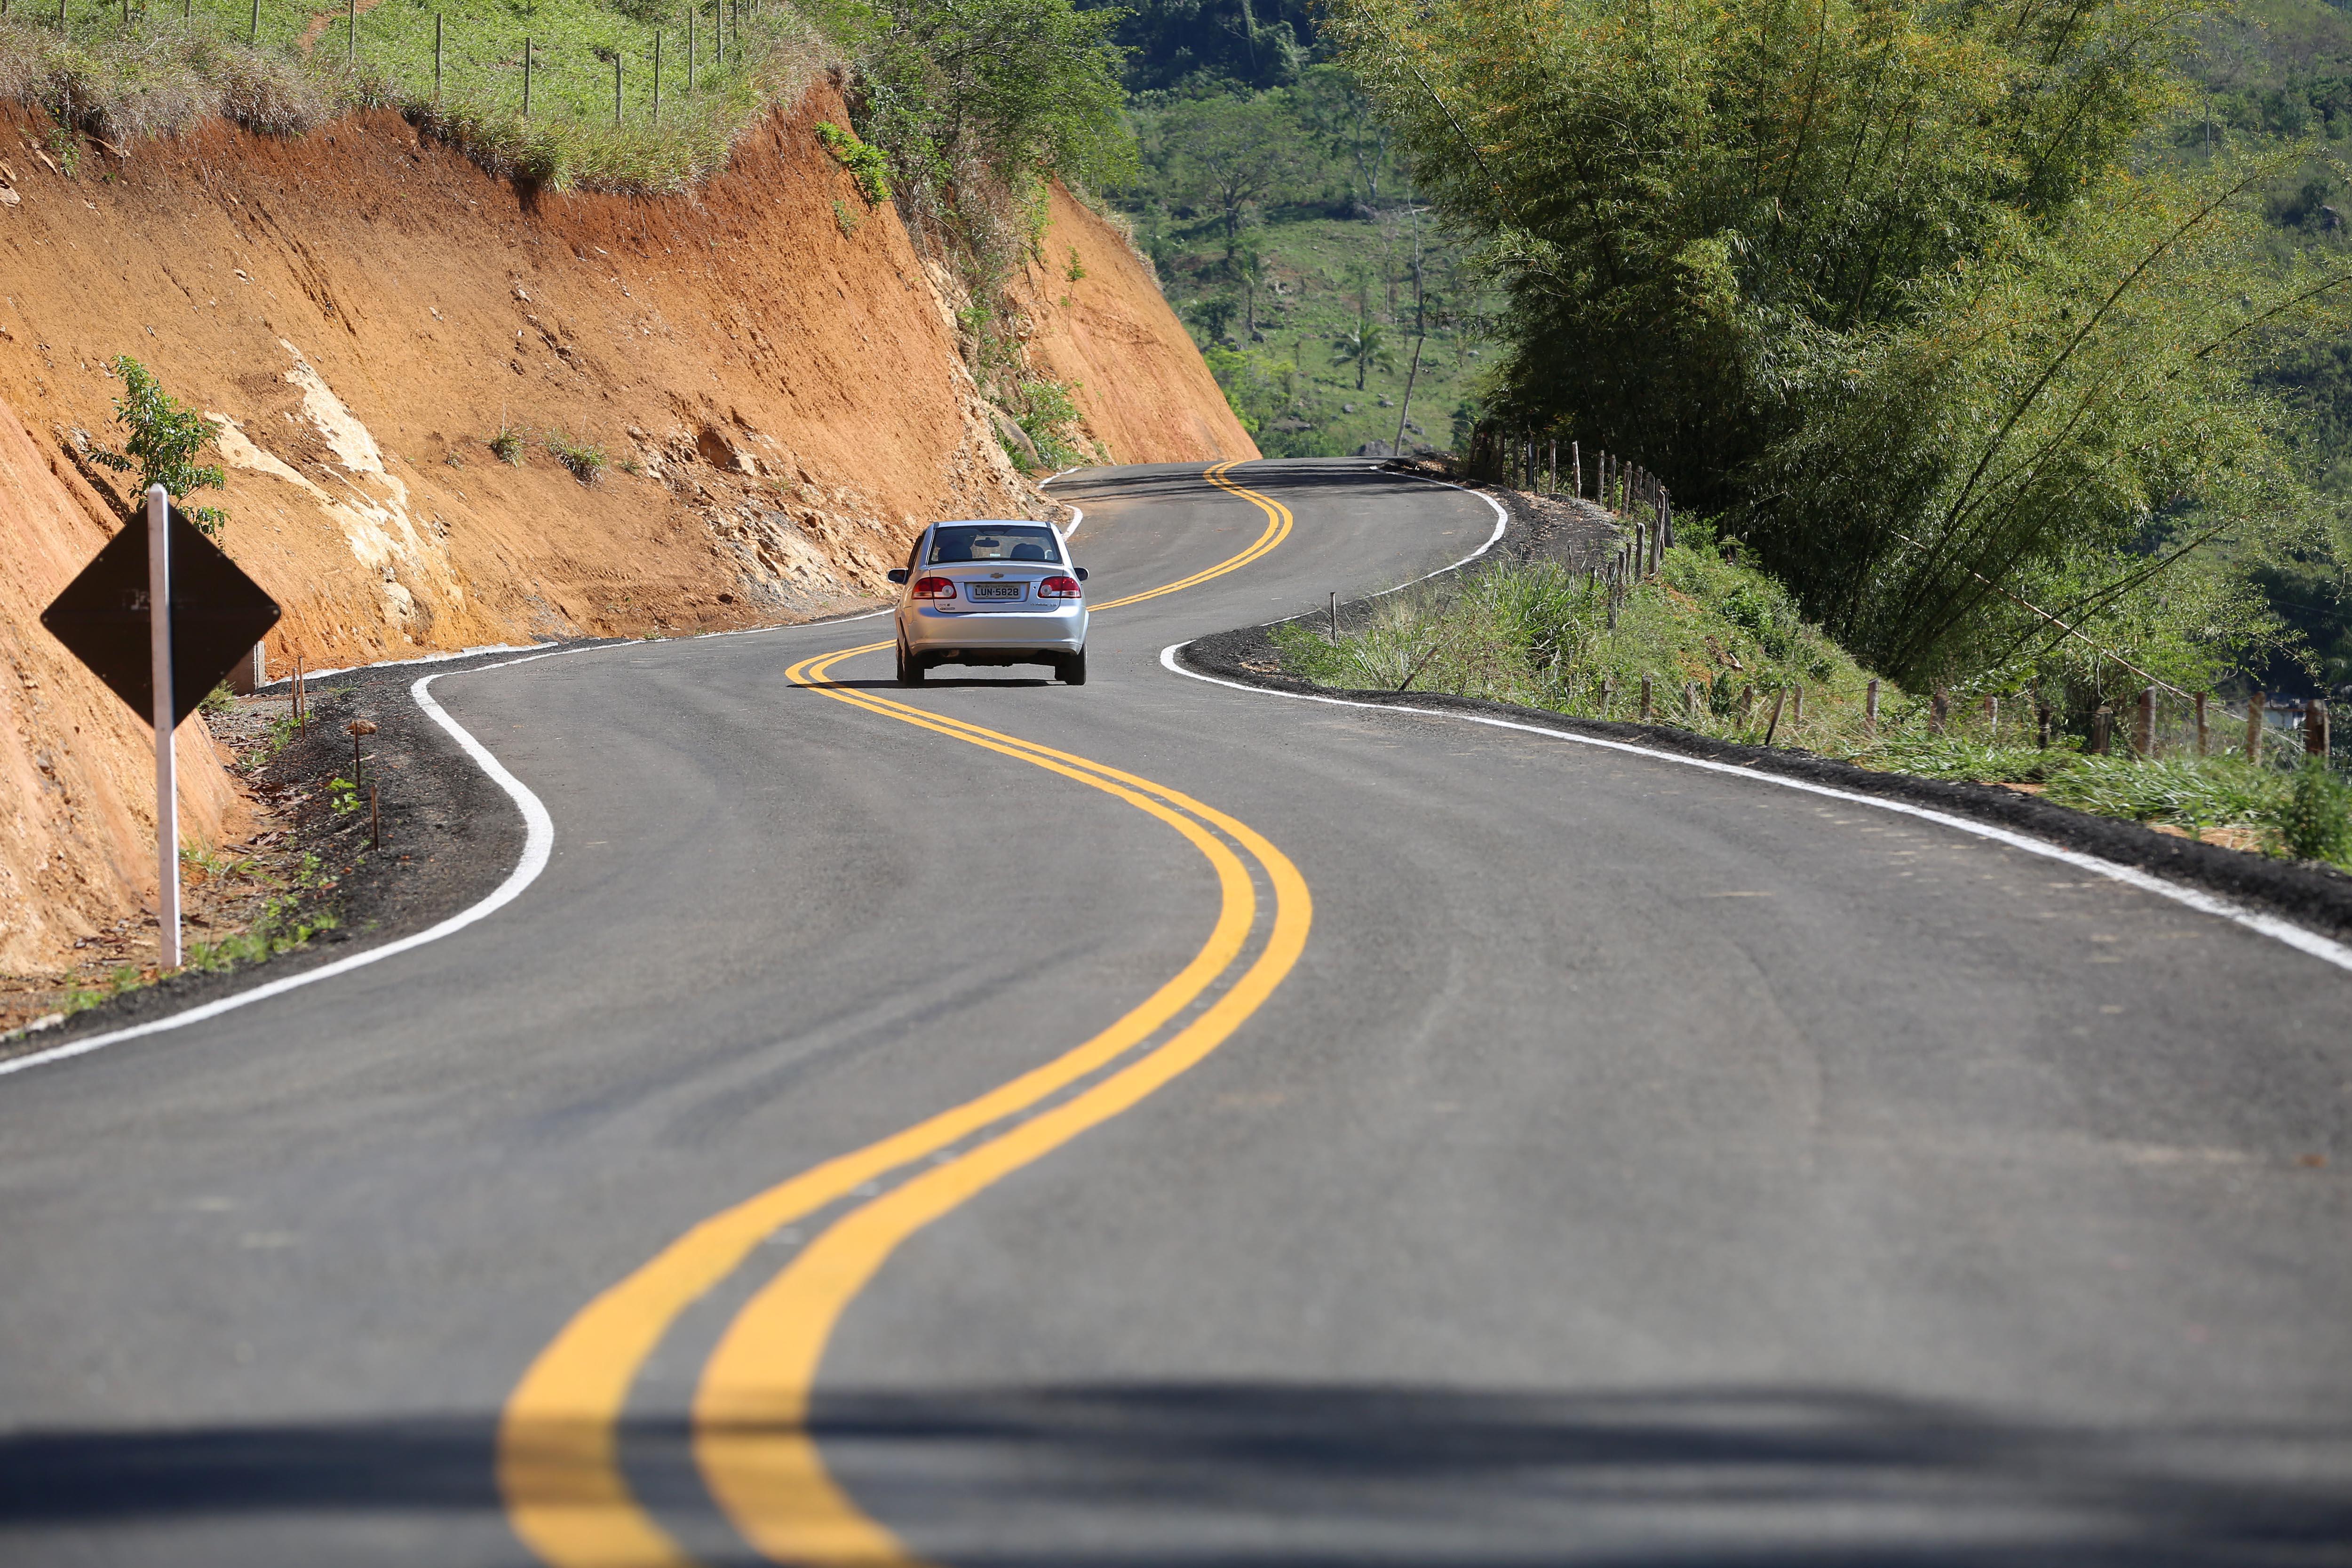 Transporte - estradas e ruas - curvas rodovias asfaltamento sinalização obras públicas viagem turismo encostas